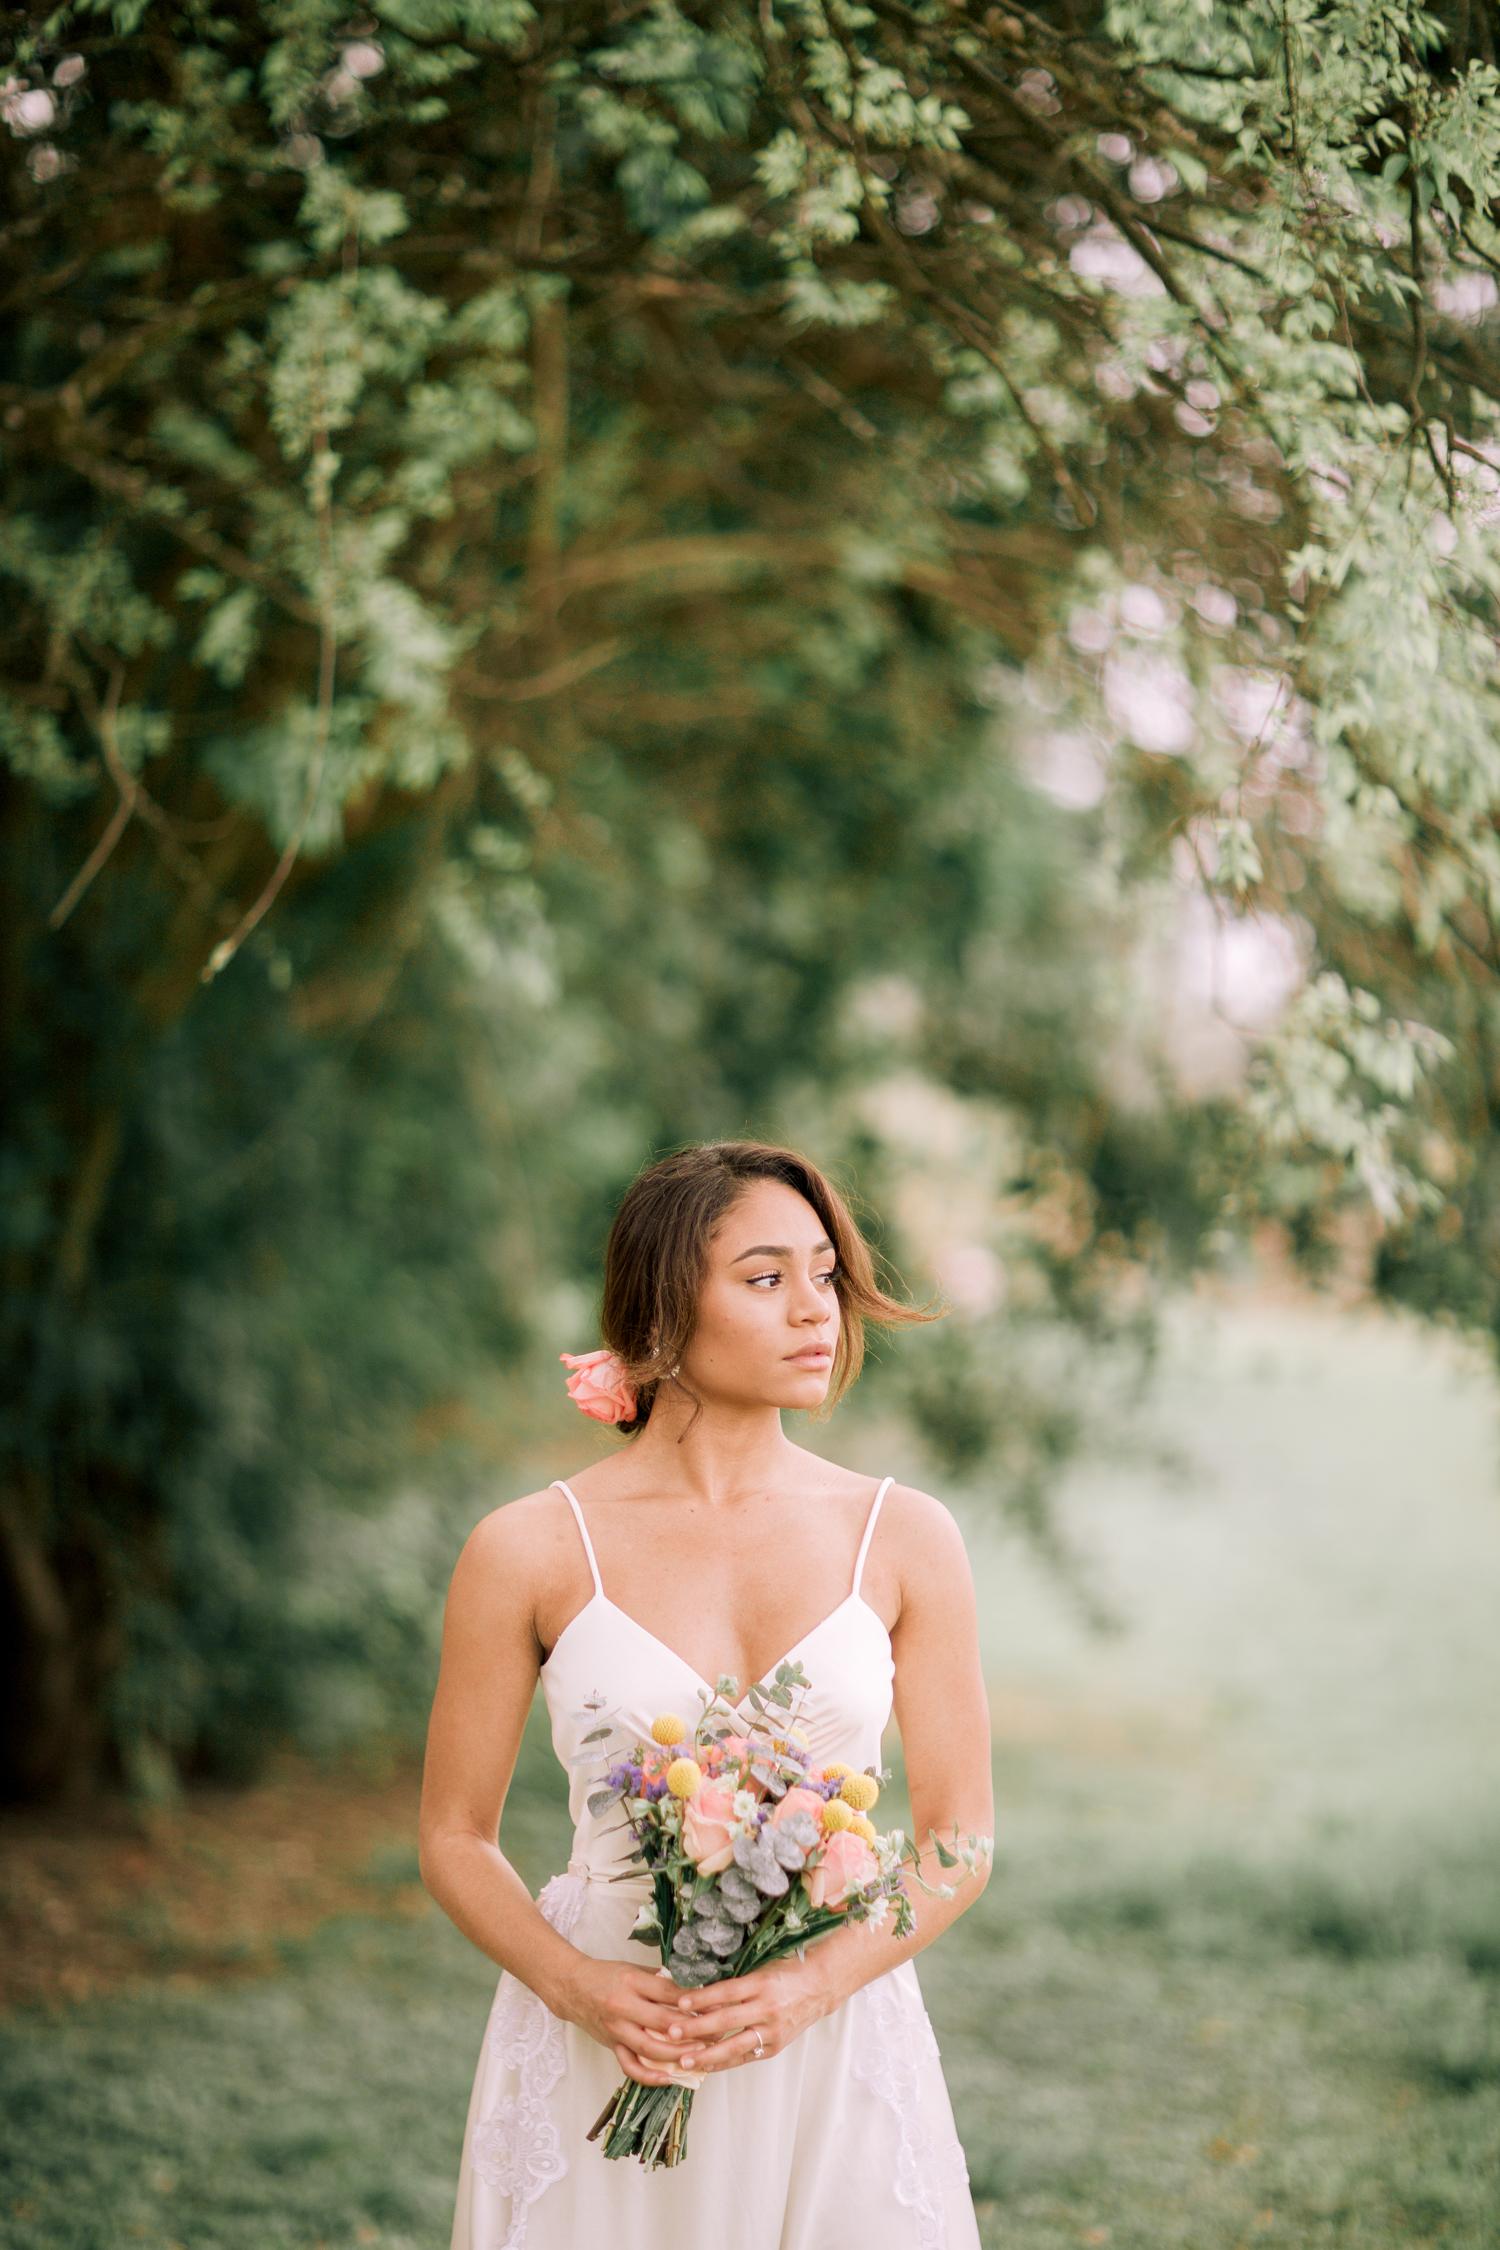 030-alaamarzouk-alaamarzoukphotography-mcallenweddingphotographer-boerneweddingphotographer.jpg